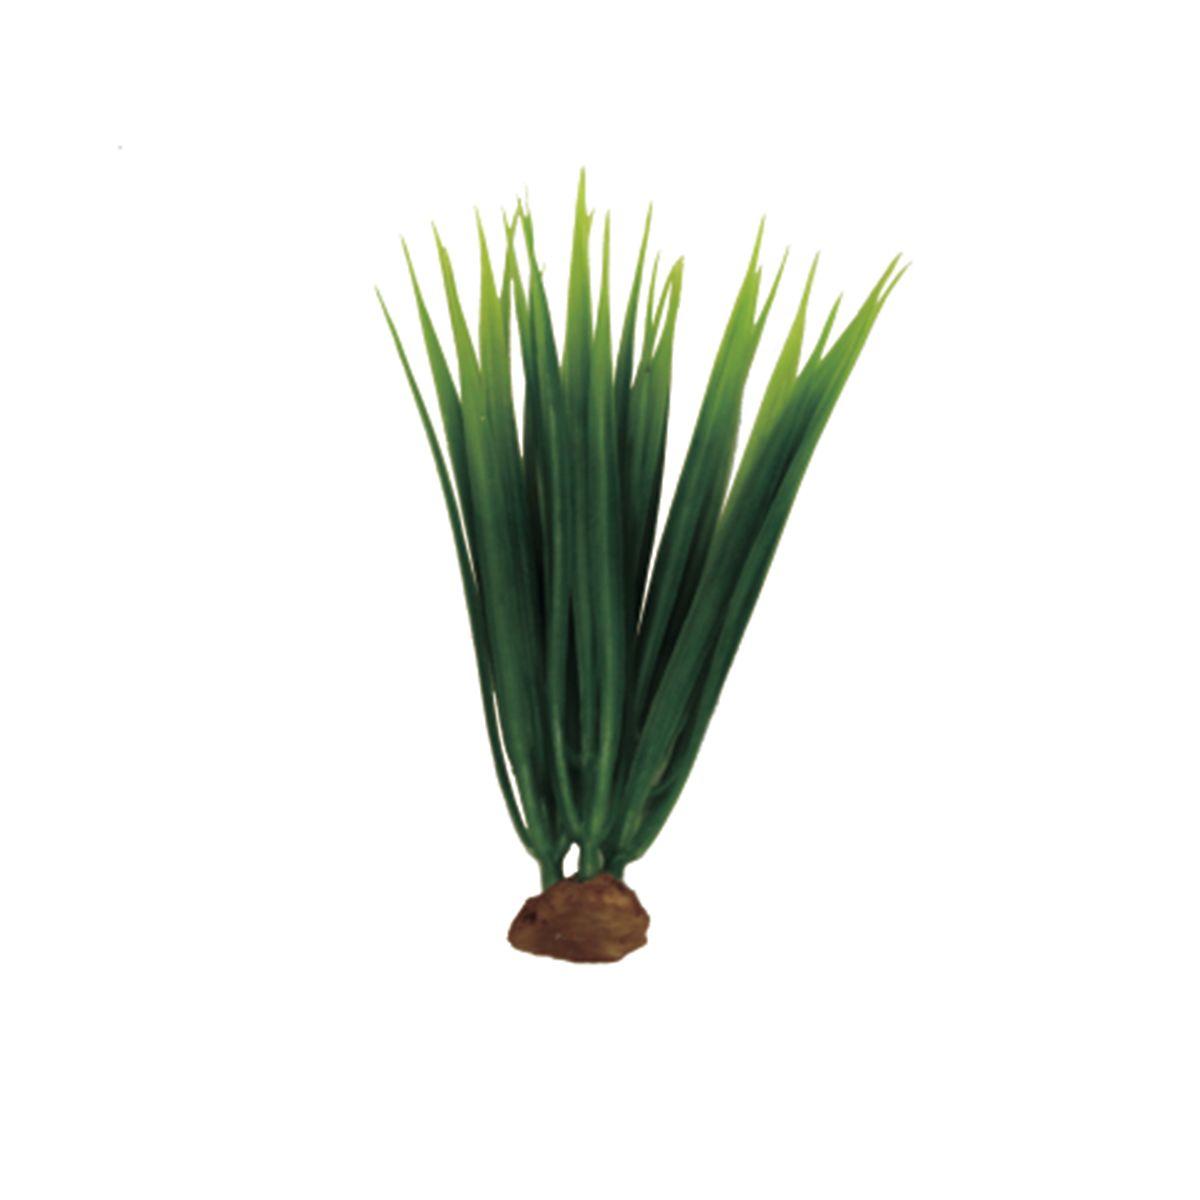 Растение для аквариума ArtUniq Акорус, высота 15 см, 5 шт0120710Композиция из искусственных растений ArtUniq превосходно украсит и оживит аквариум.Растения - это важная часть любой композиции, они помогут вдохнуть жизнь в ландшафт любого аквариума или террариума. А их сходствос природными порадует даже самых взыскательных ценителей.